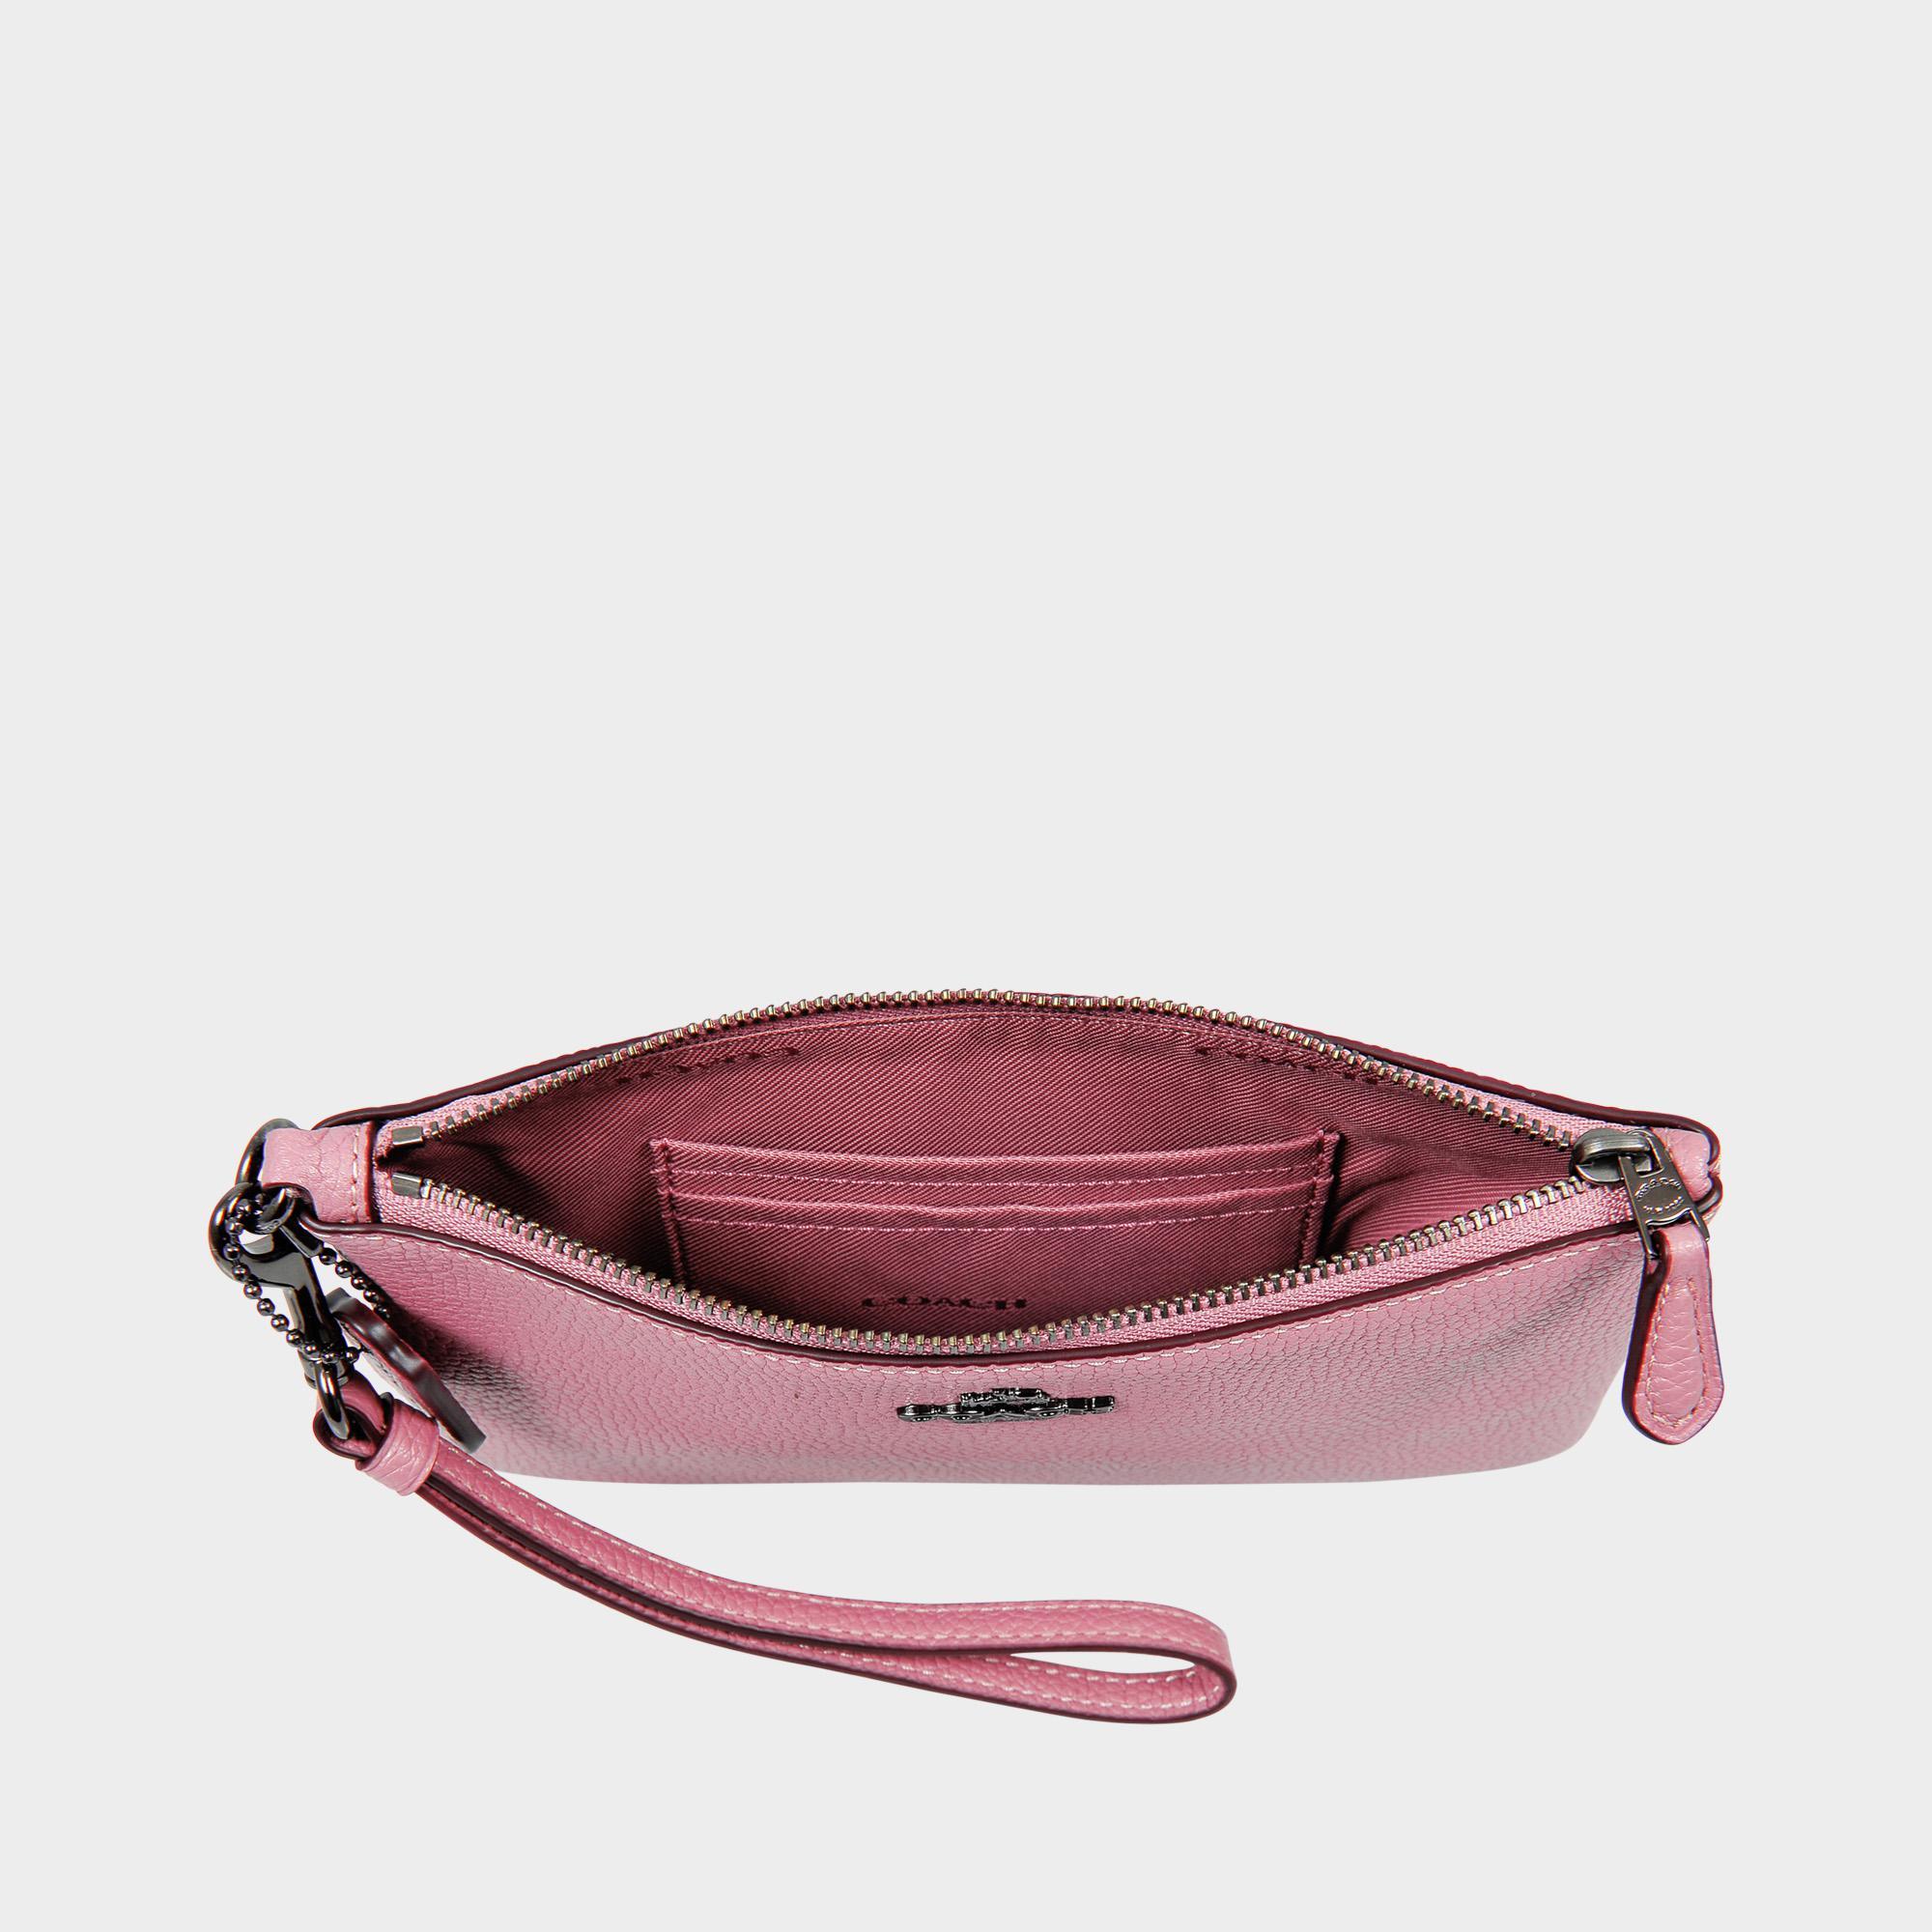 Petite pochette wrislet en cuir de veau rose